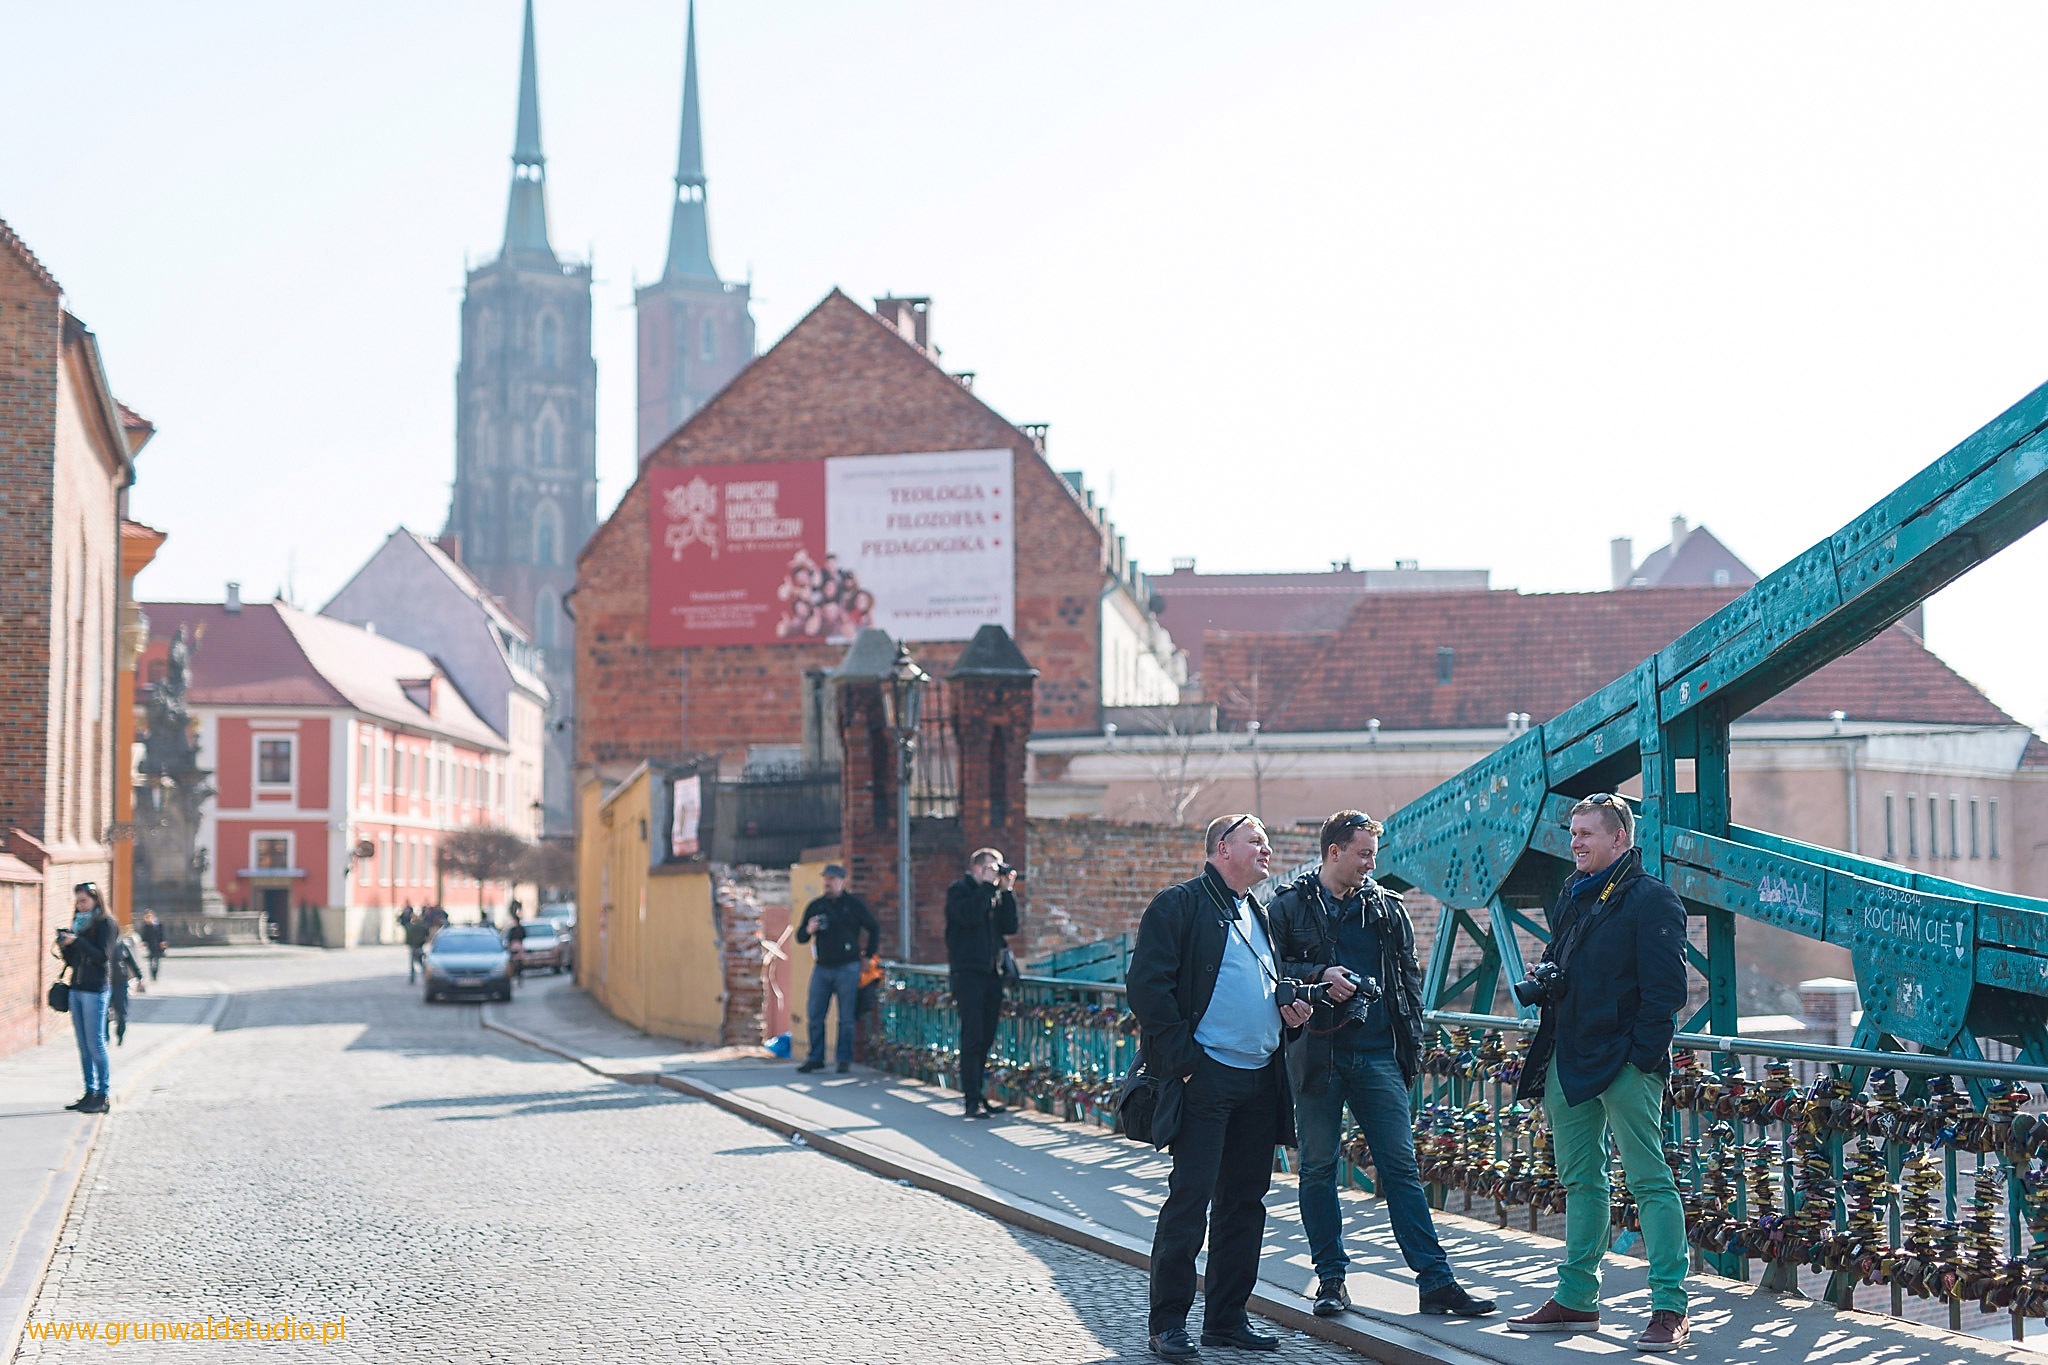 Grunwald-Studio-Kurs-Fotografii-Wrocław-Fotograf-Wrocław-Kursy-fotograficzne-Wrocław-11